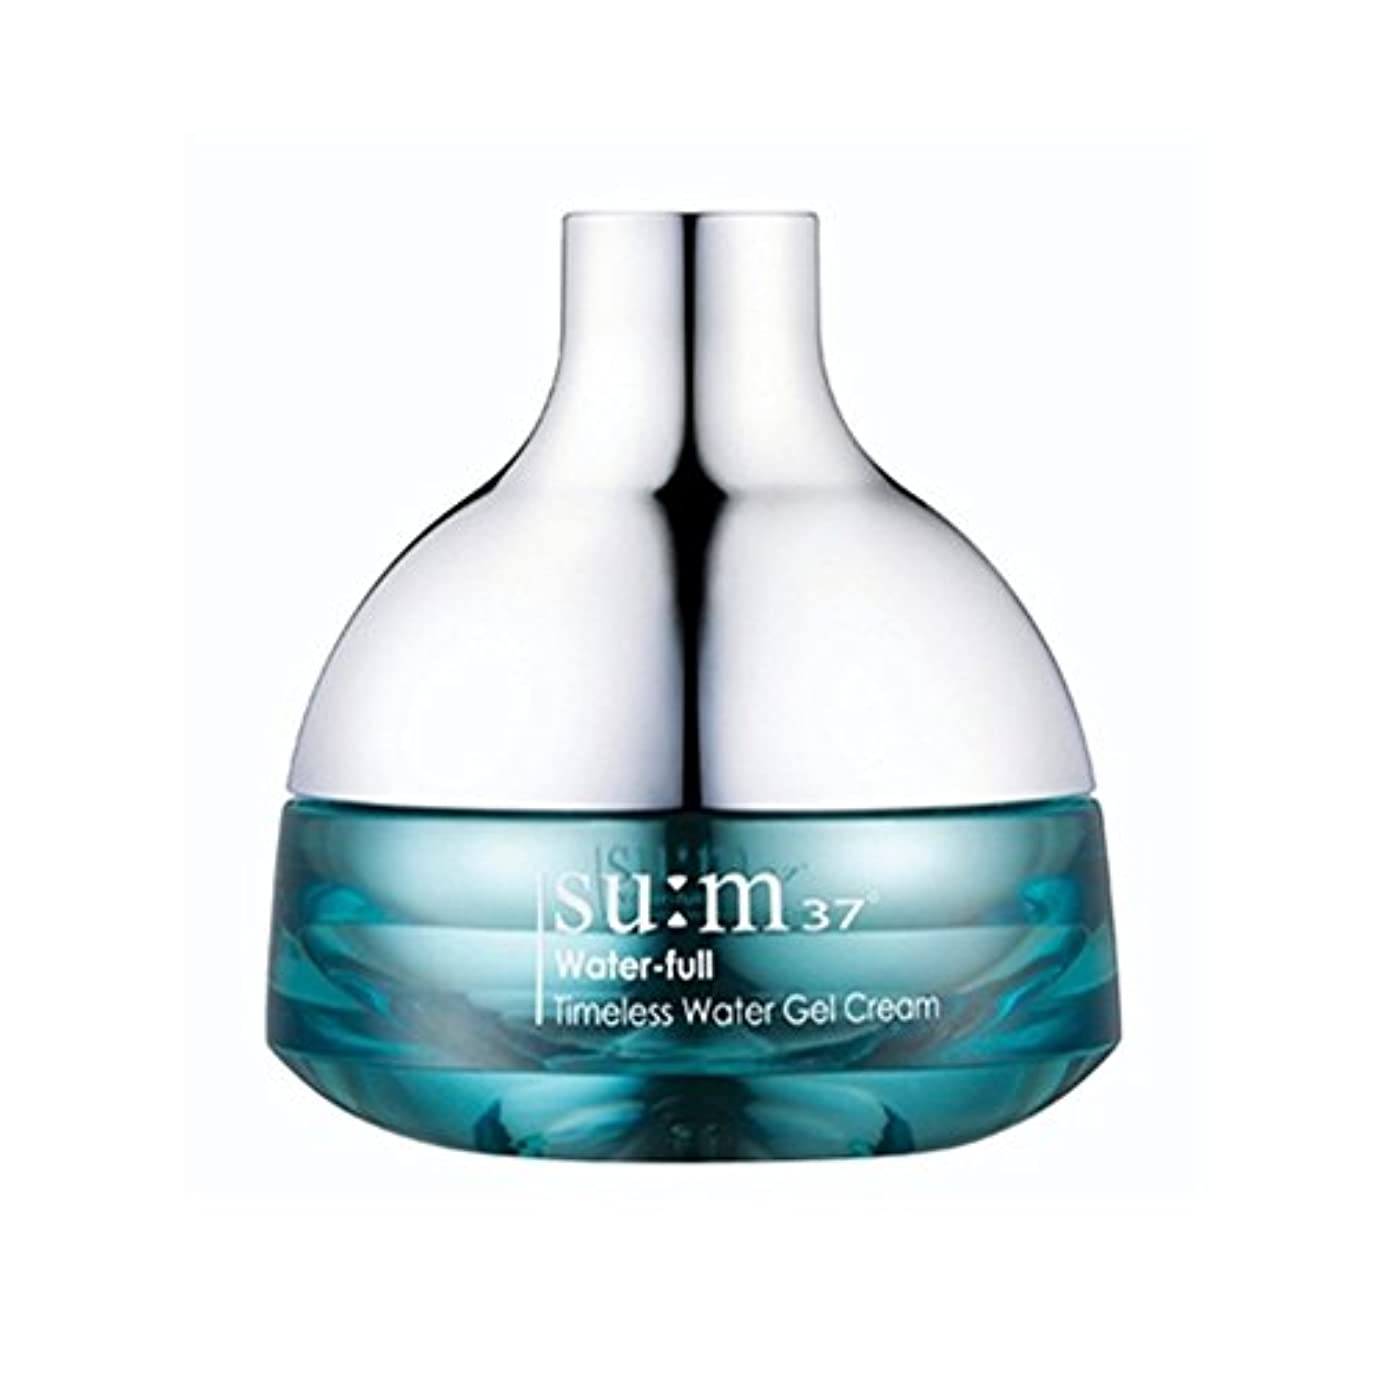 エスカレーターやろう宙返り[su:m37/スム37°] SUM37 Water-full Timeless Water Gel Cream 50ml/WF07 sum37 ウォータフル タイムレス ウォータージェルクリーム 50ml +[Sample...